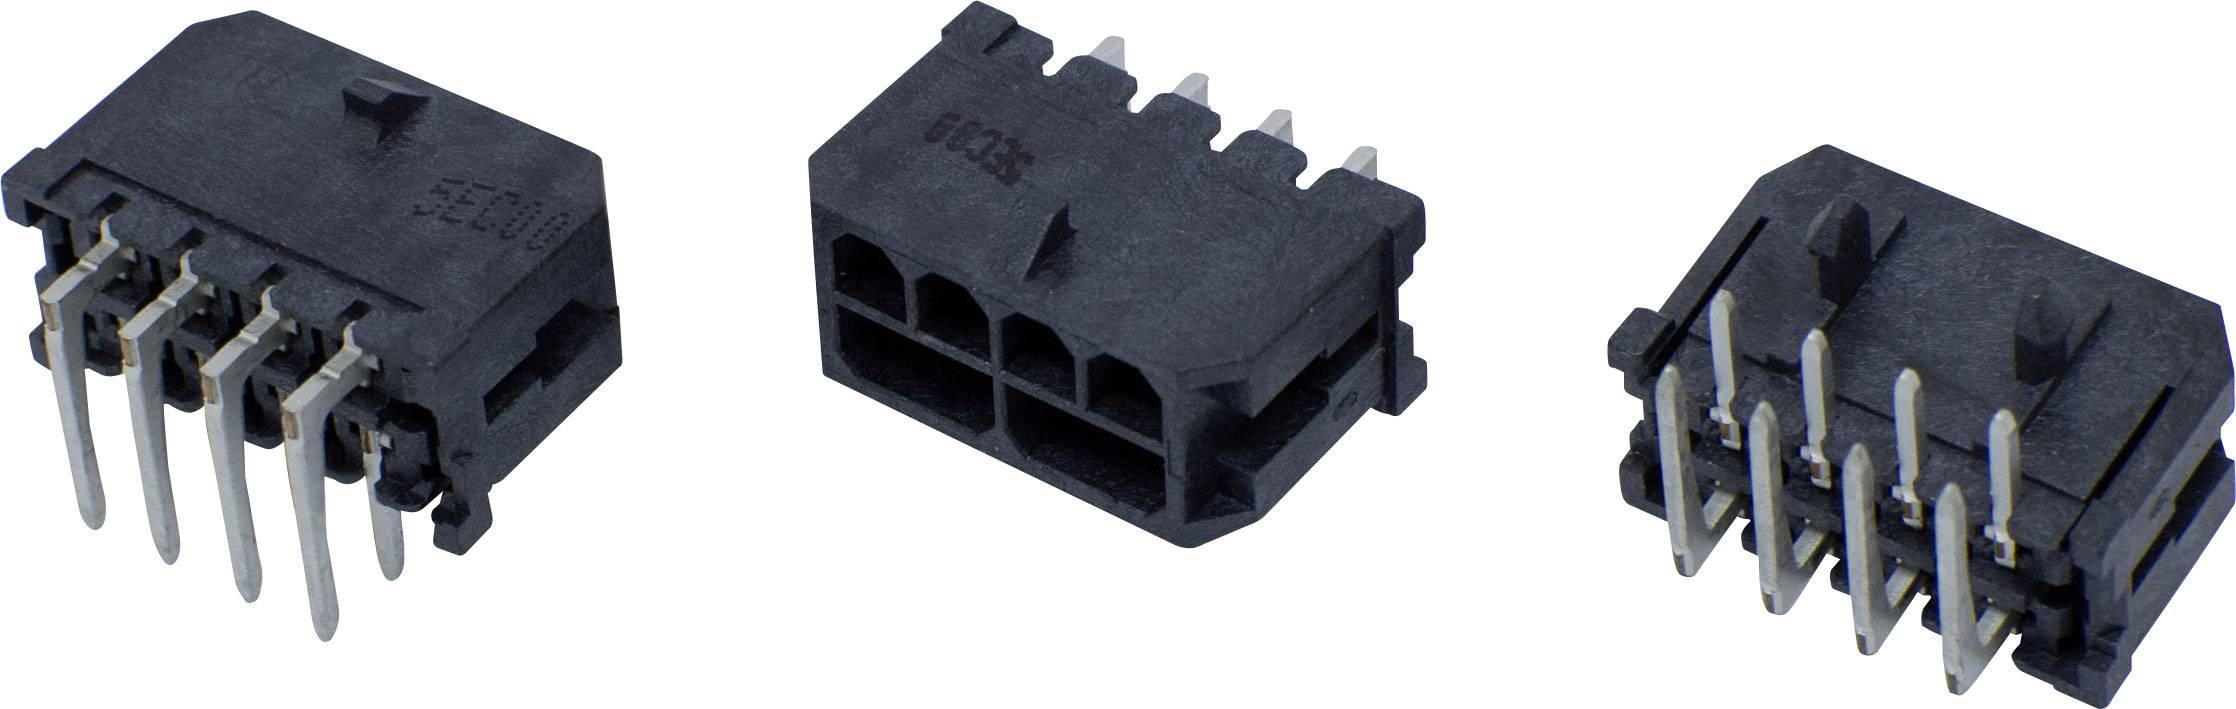 Pinová lišta (štandardná) BellWether 70095-2208, pólů 22, rozteč 3 mm, 1 ks